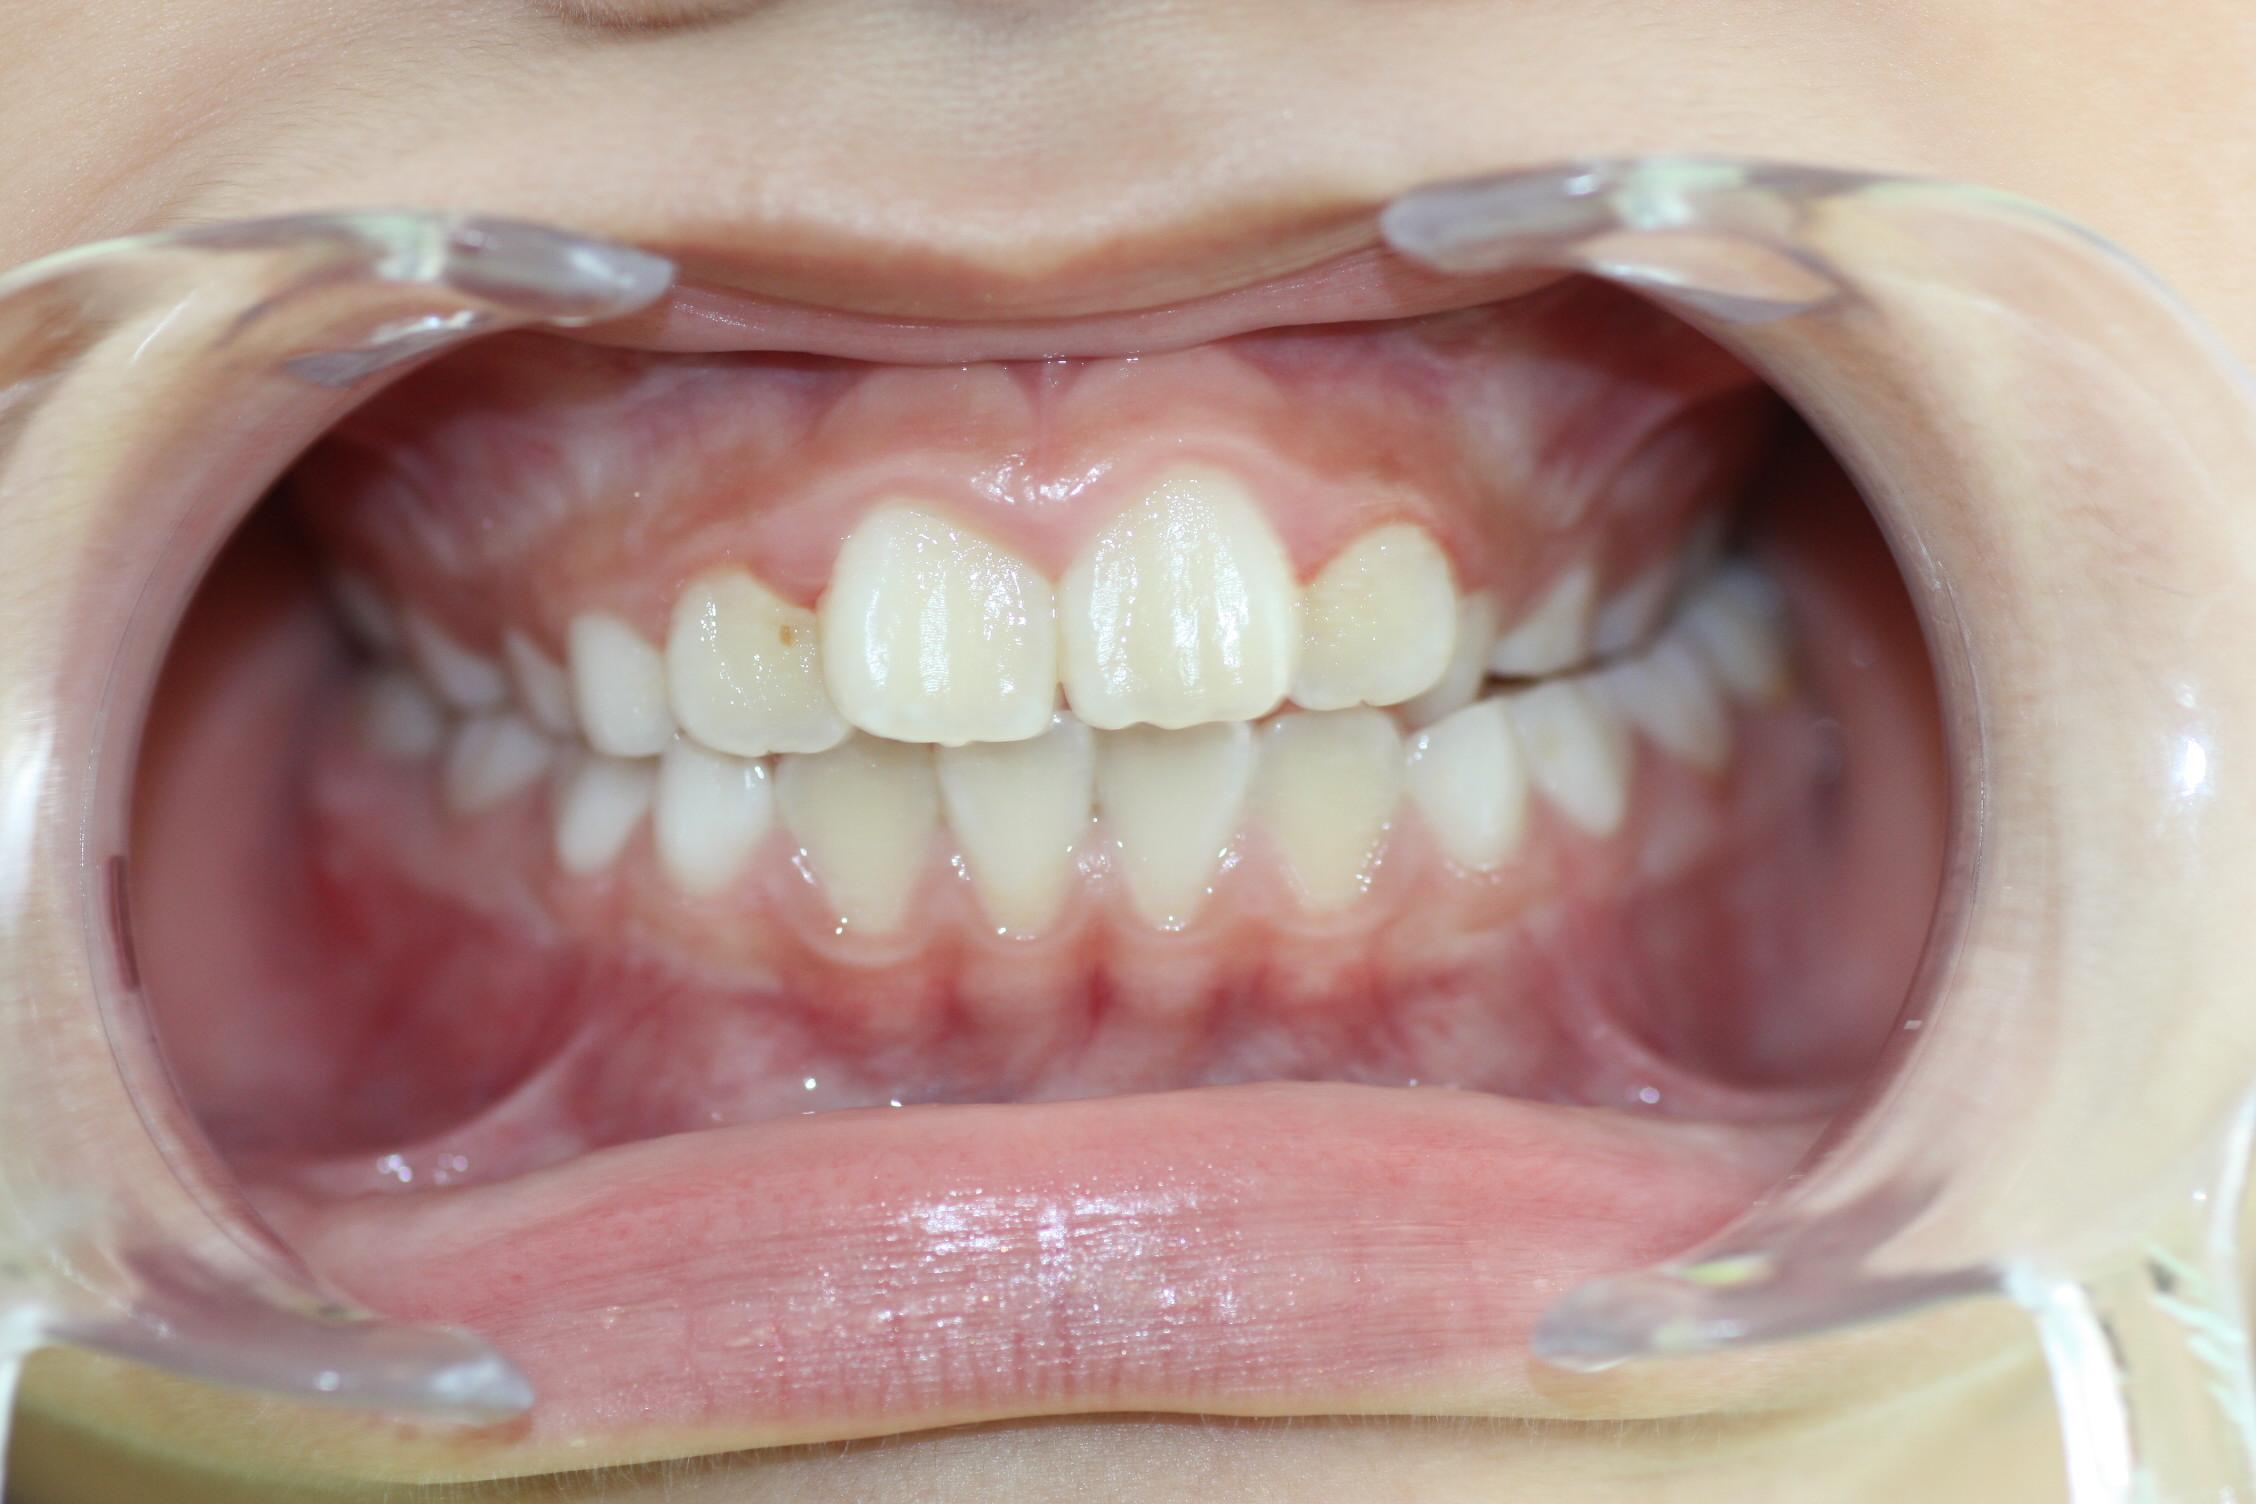 Esta paciente presenta una mordida cruzada en el lado izquierdo de su boca